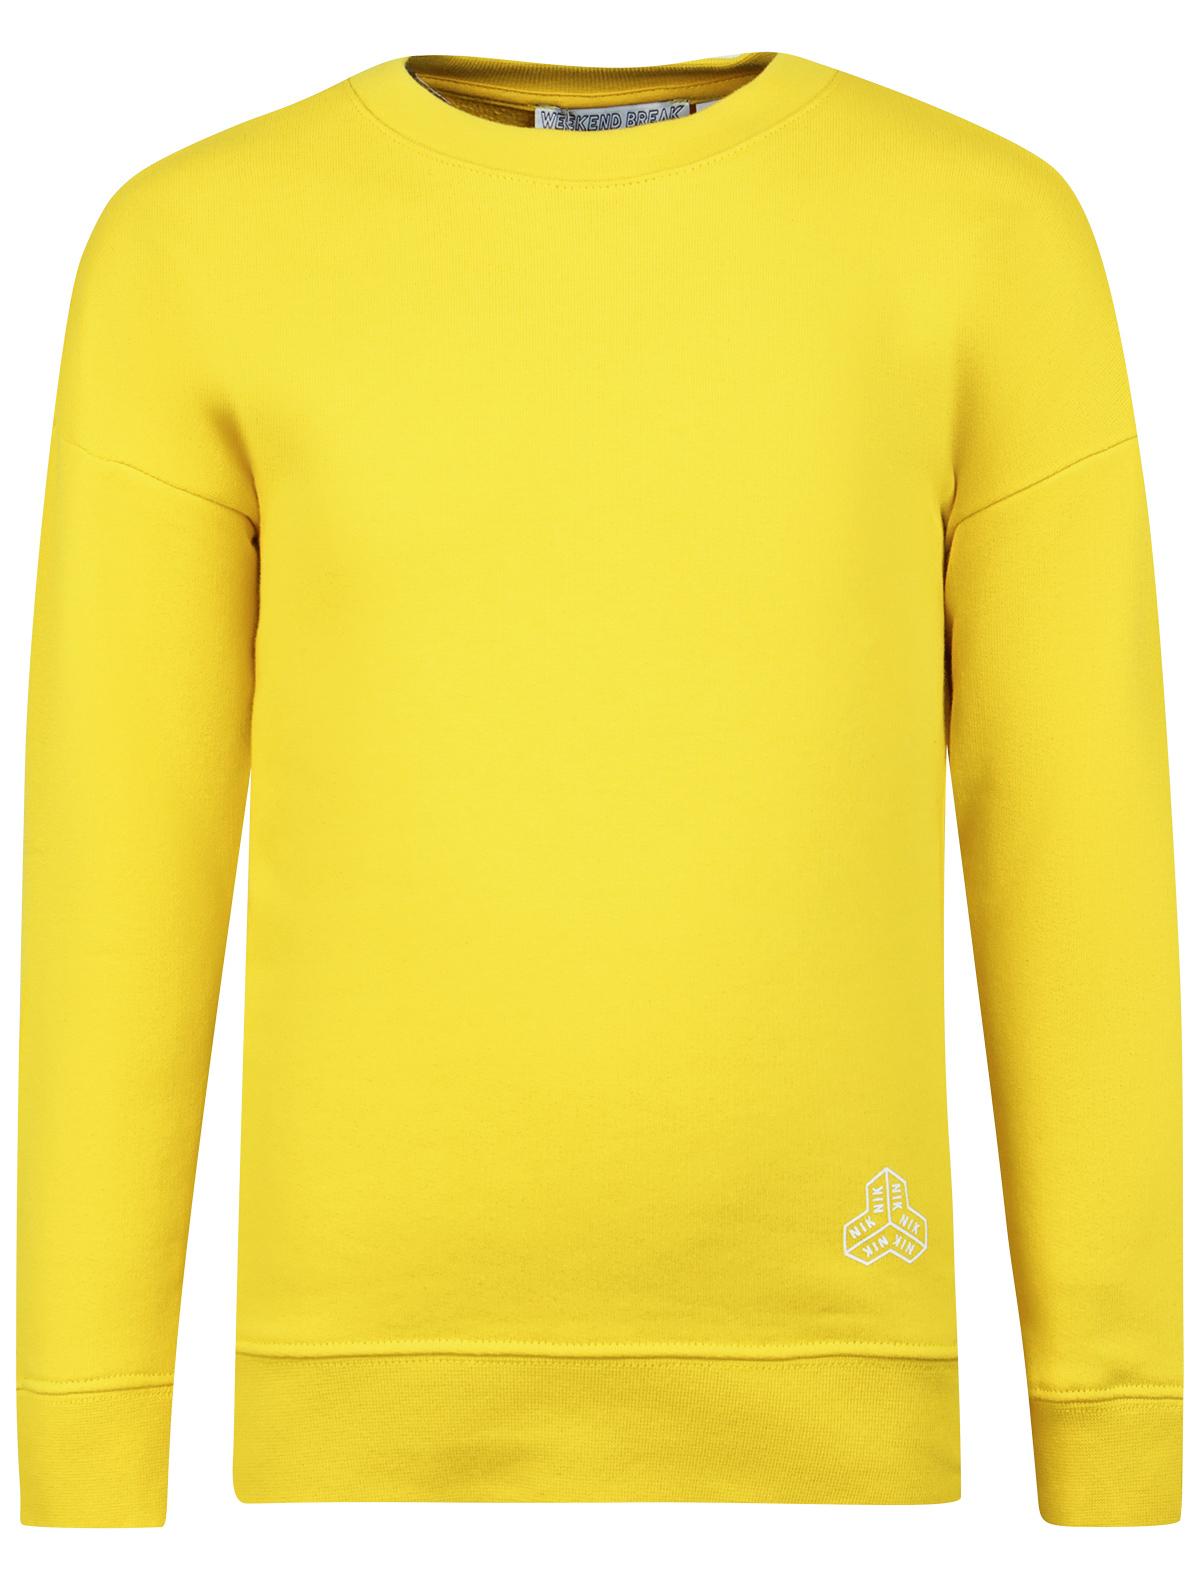 Купить 1988831, Свитшот NIK & NIK, желтый, Мужской, 0082819970033